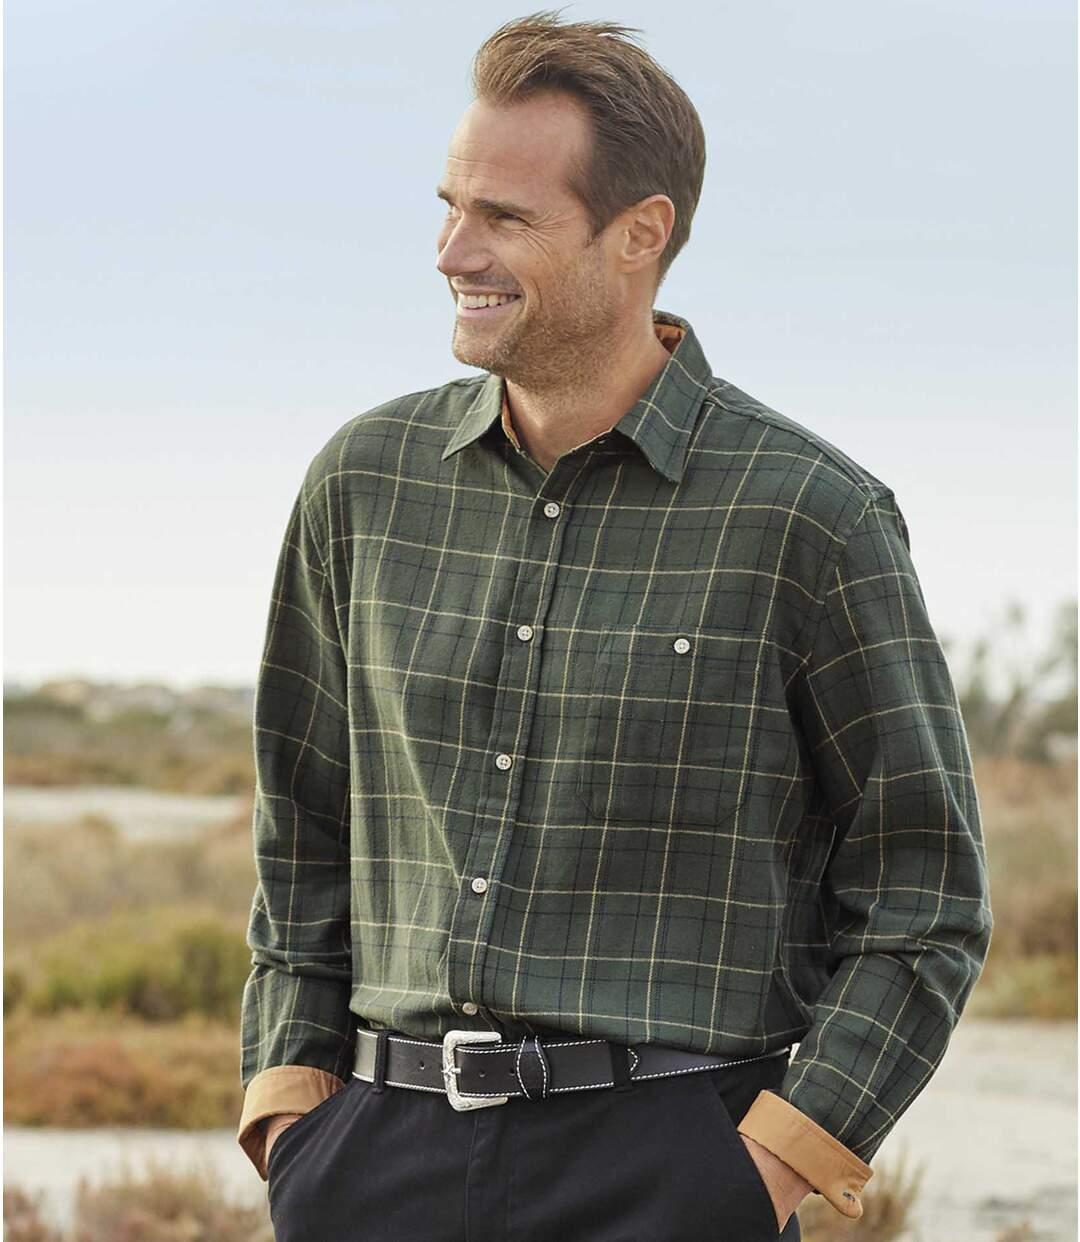 Grün-Kariertes Hemd